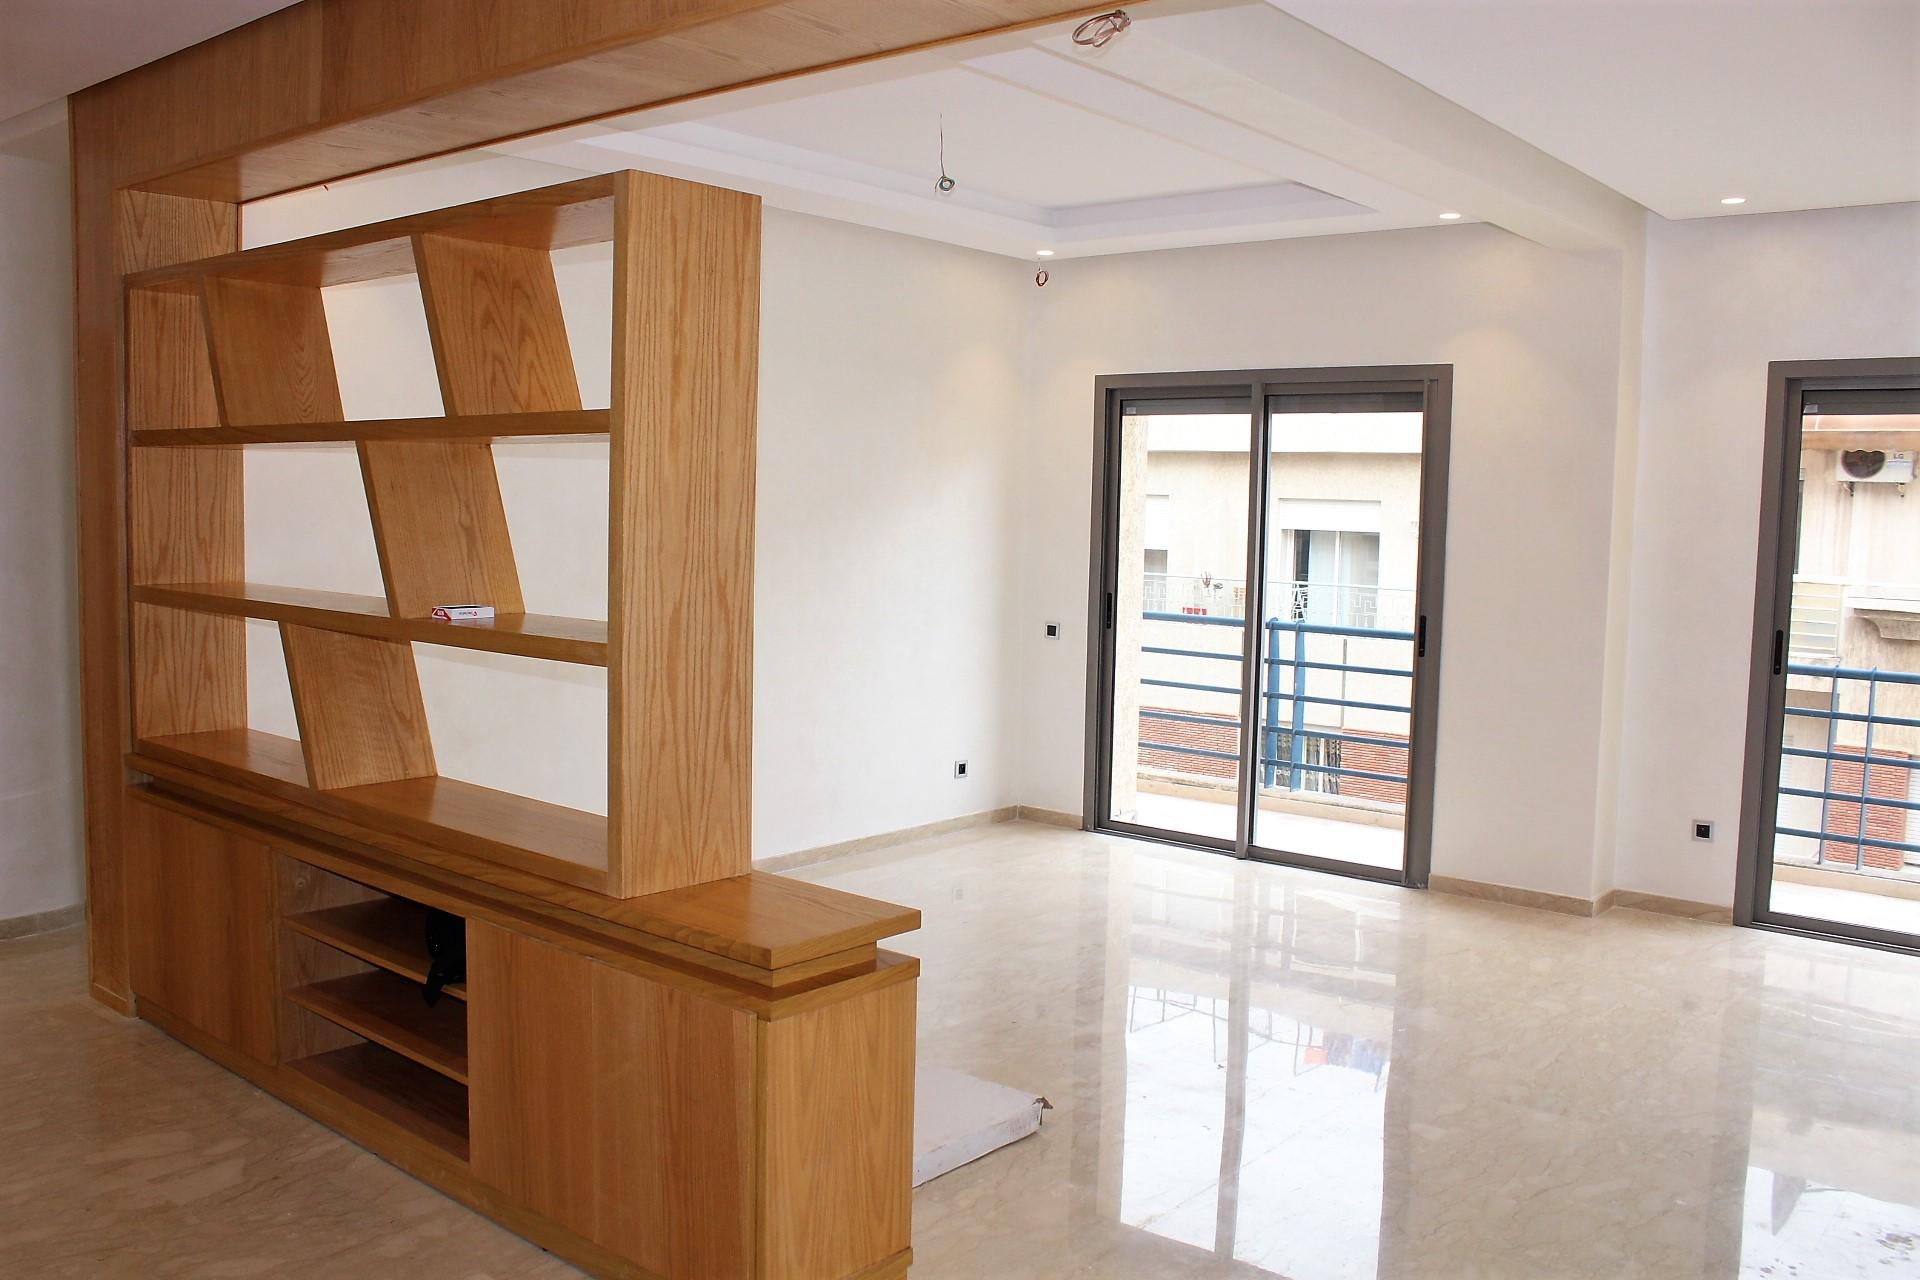 Maroc, Casablanca, entre rue Socrate et Bld Ghandi, à vendre appartement Neuf moderne traversant de 127 m² en étage élevé